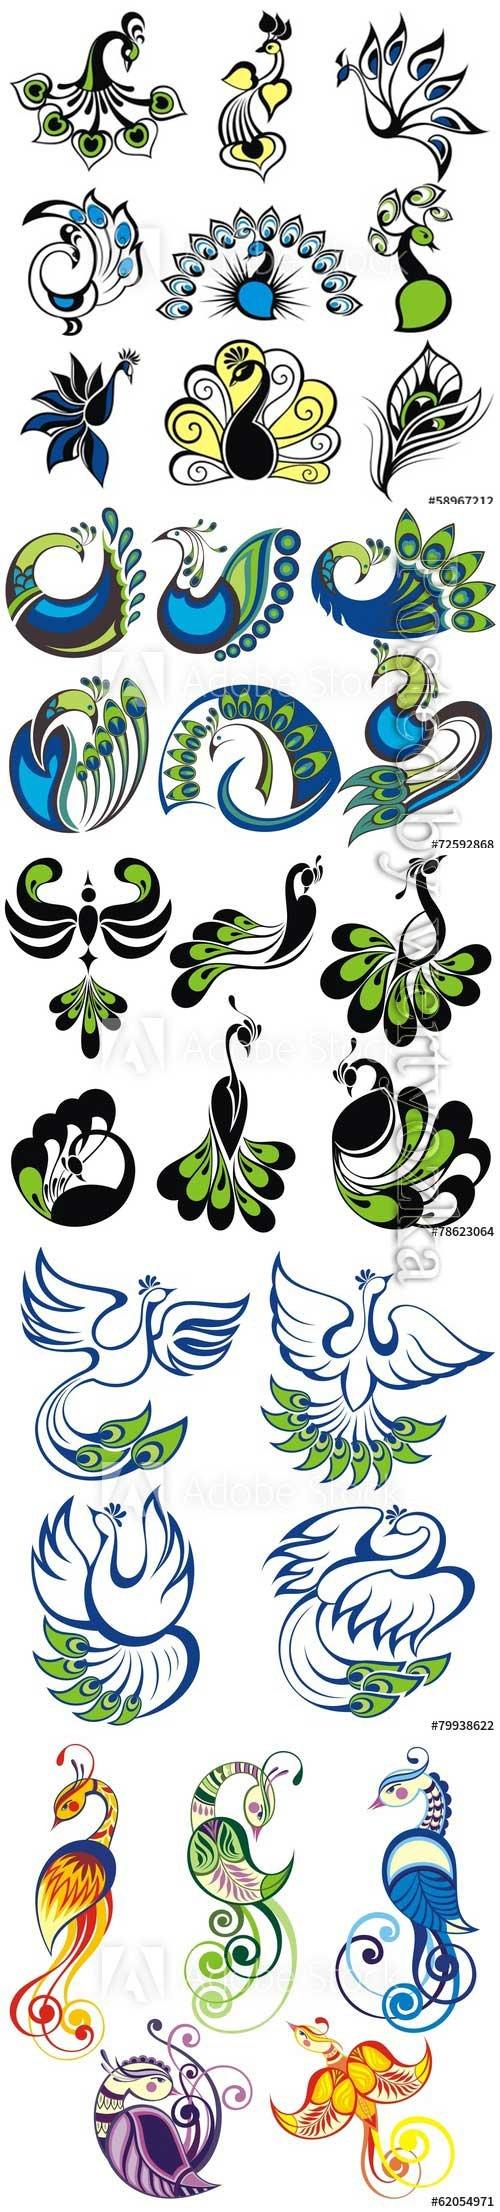 Birds icons, peacock vector birds